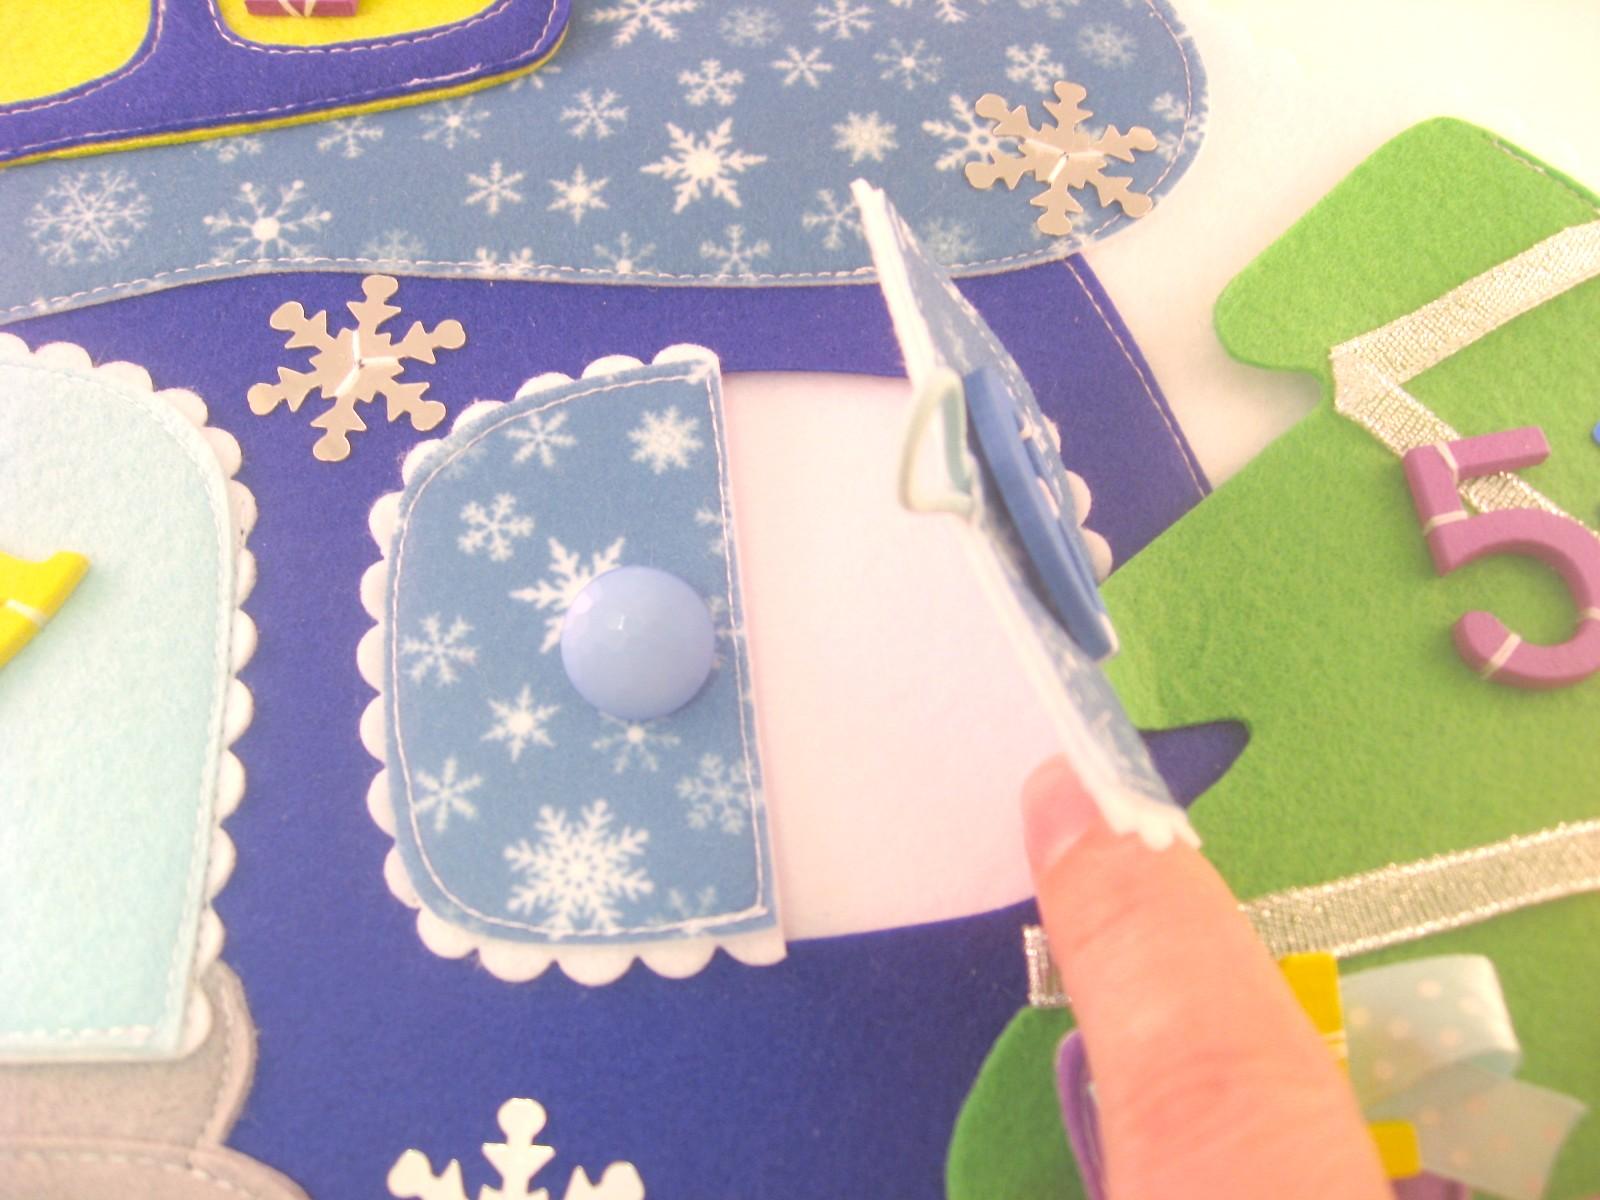 адвент календарь домик из фетра выкройки синий шиллопоп shillopop